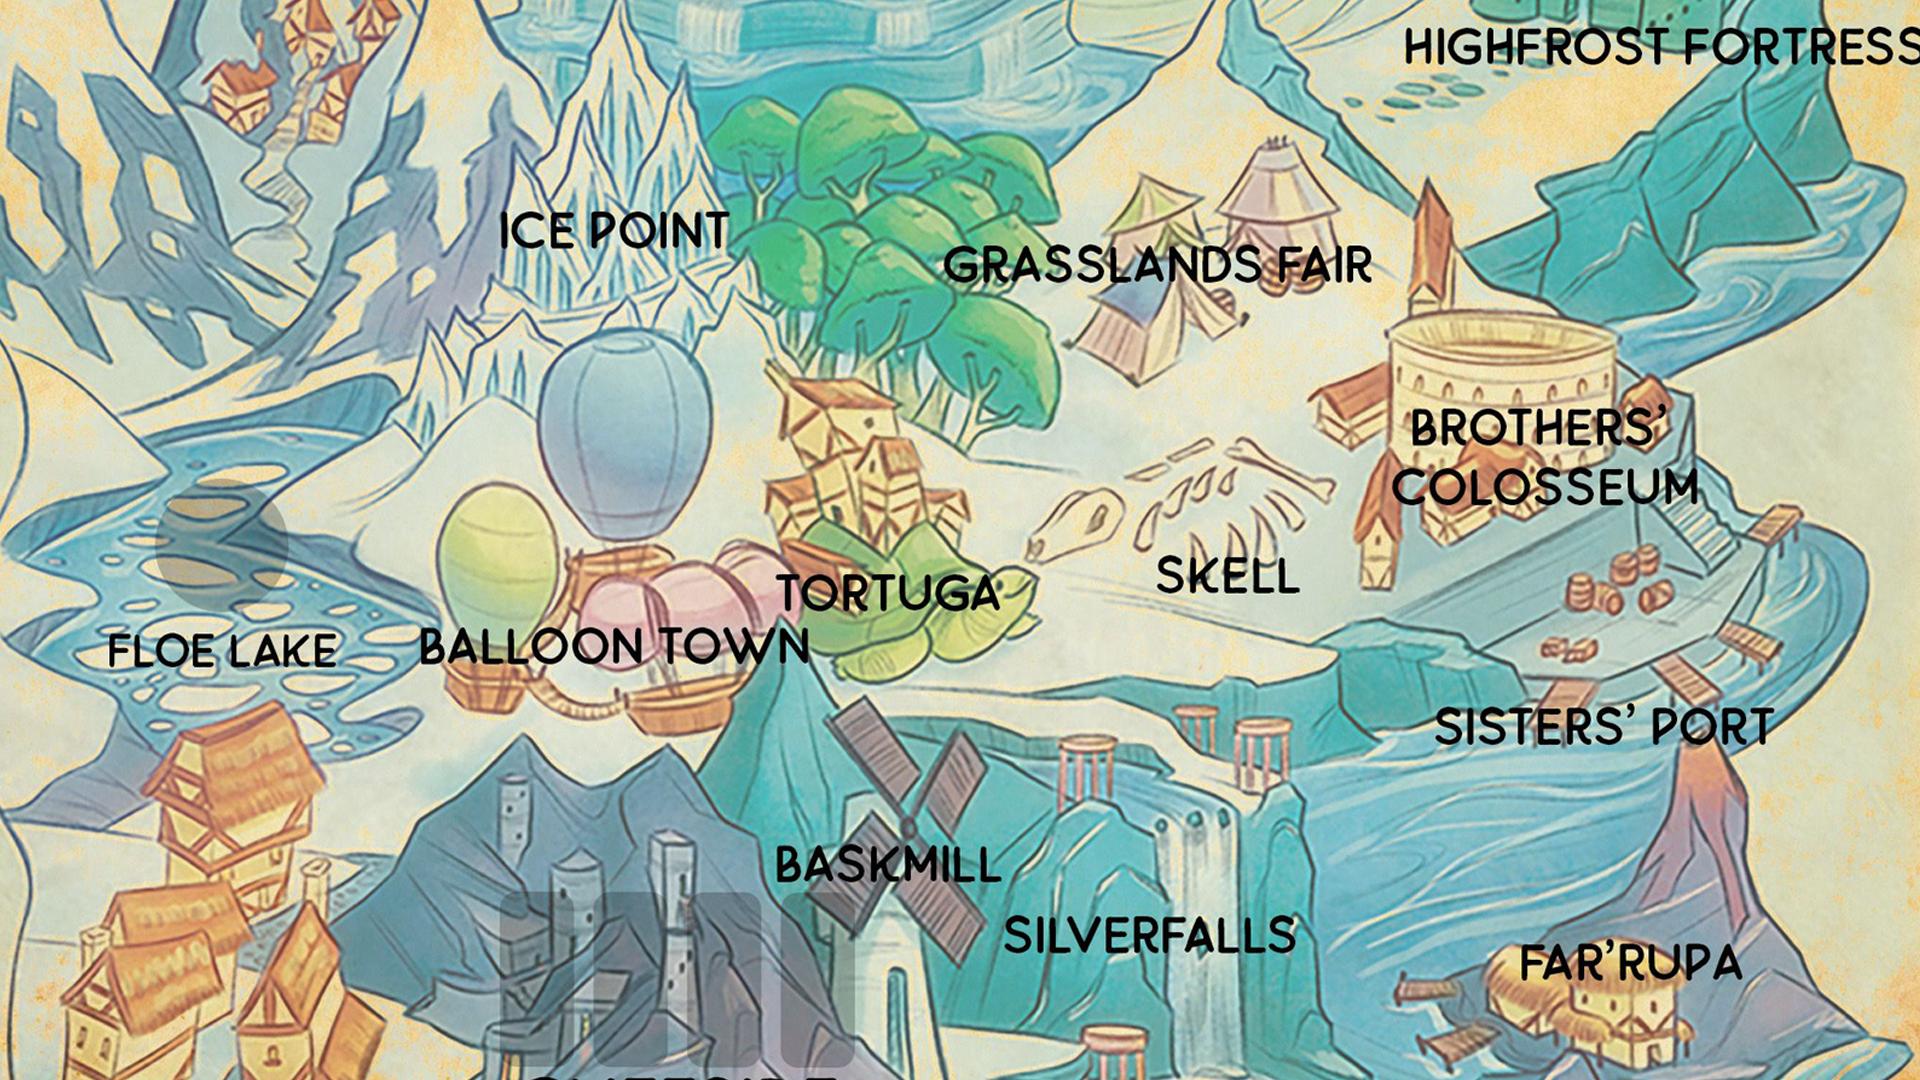 Almanac: The Crystal Peaks artwork